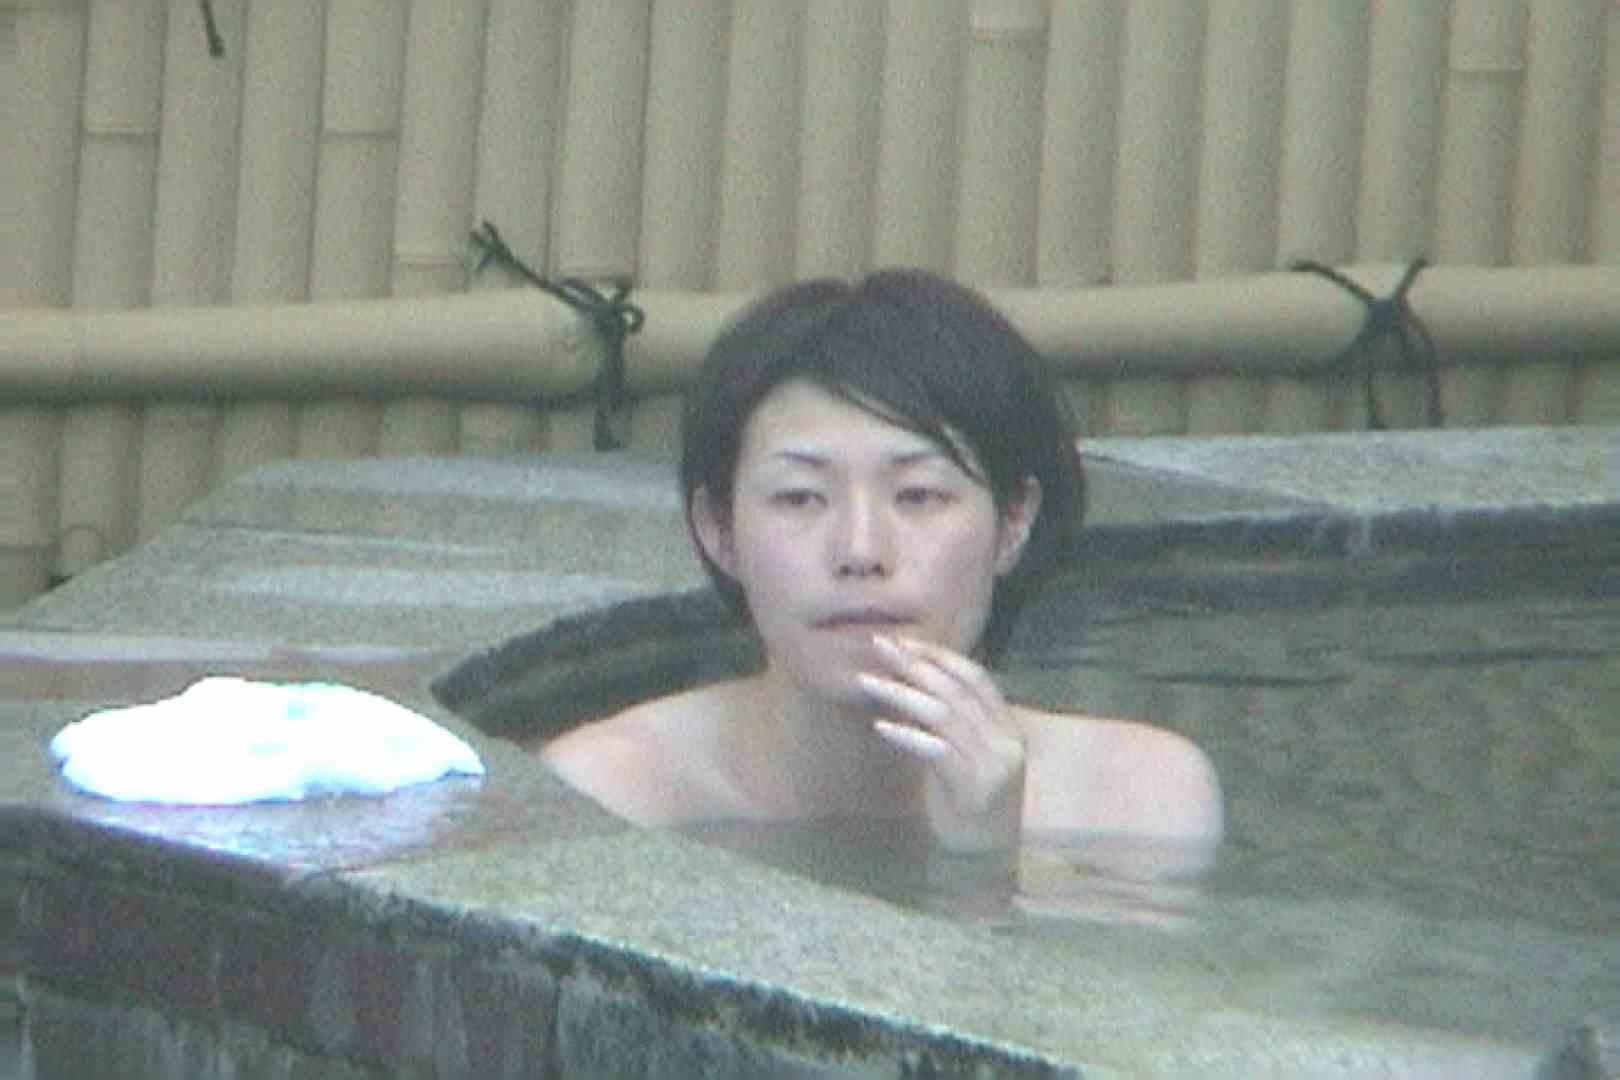 Aquaな露天風呂Vol.100【VIP限定】 盗撮シリーズ  105PIX 28